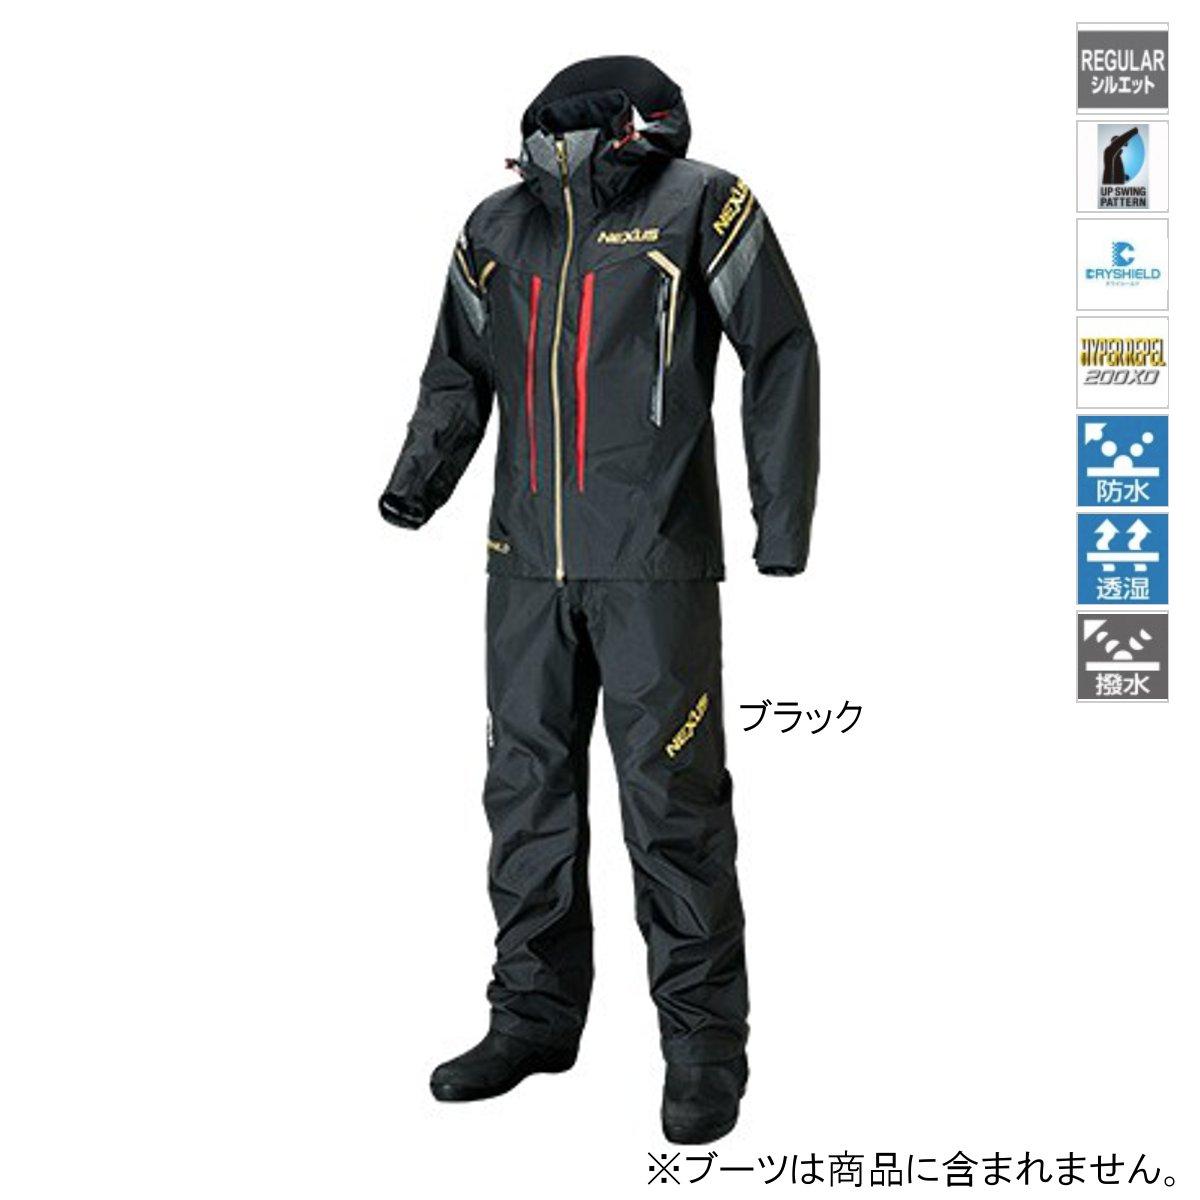 シマノ NEXUS・DS タフレインスーツ RA-124S M ブラック(東日本店)